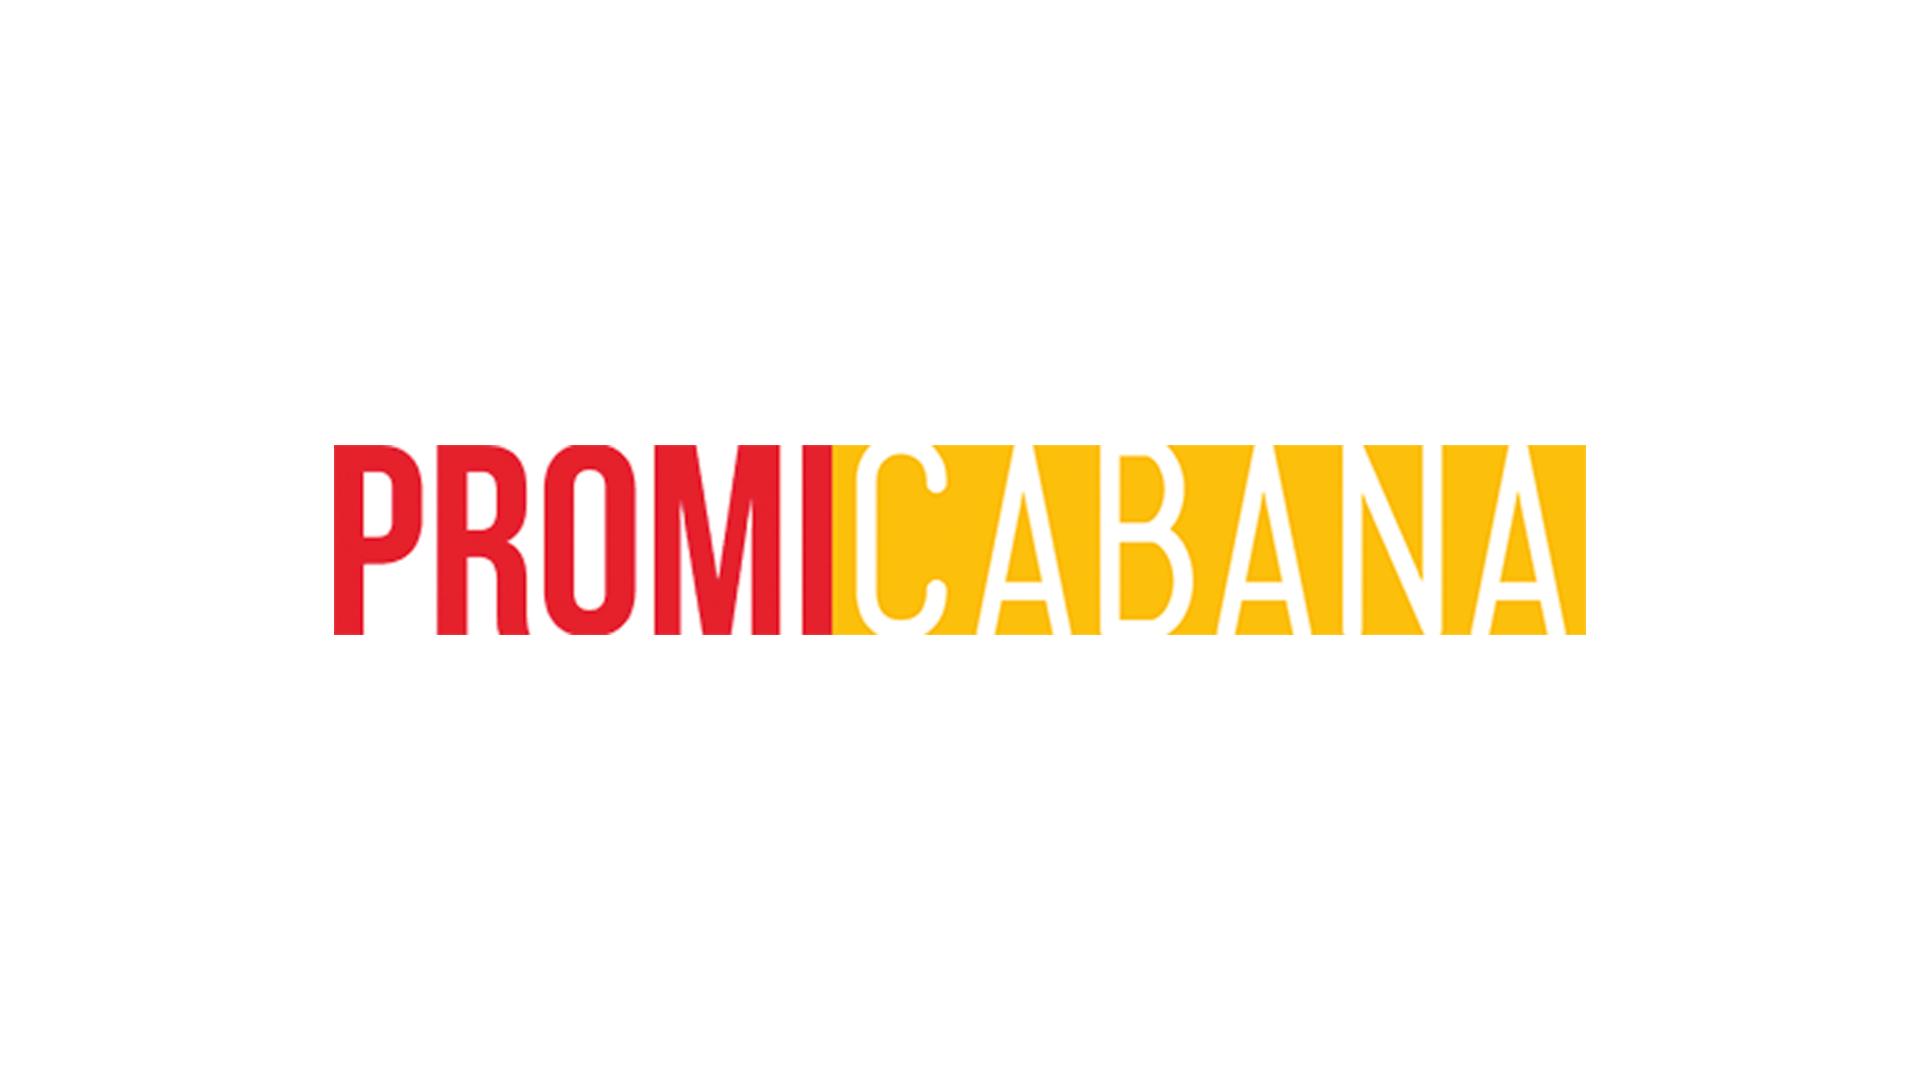 Justin-Bieber-Wetten-Dass-live